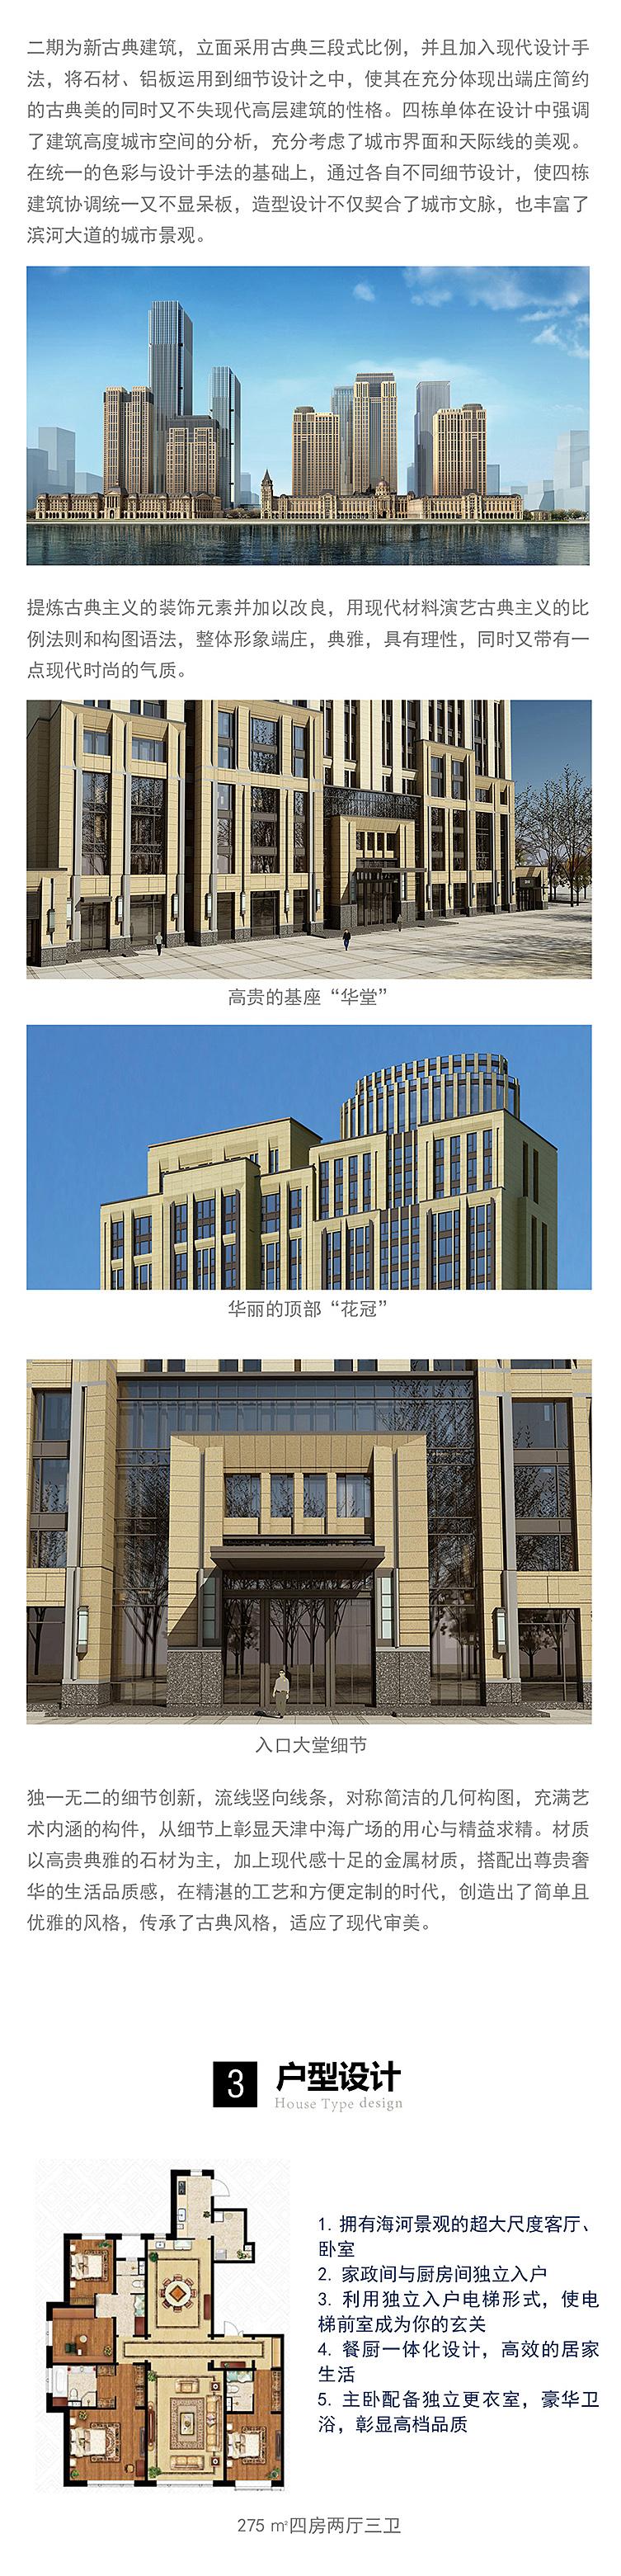 20170819天津中海城市广场2b.jpg